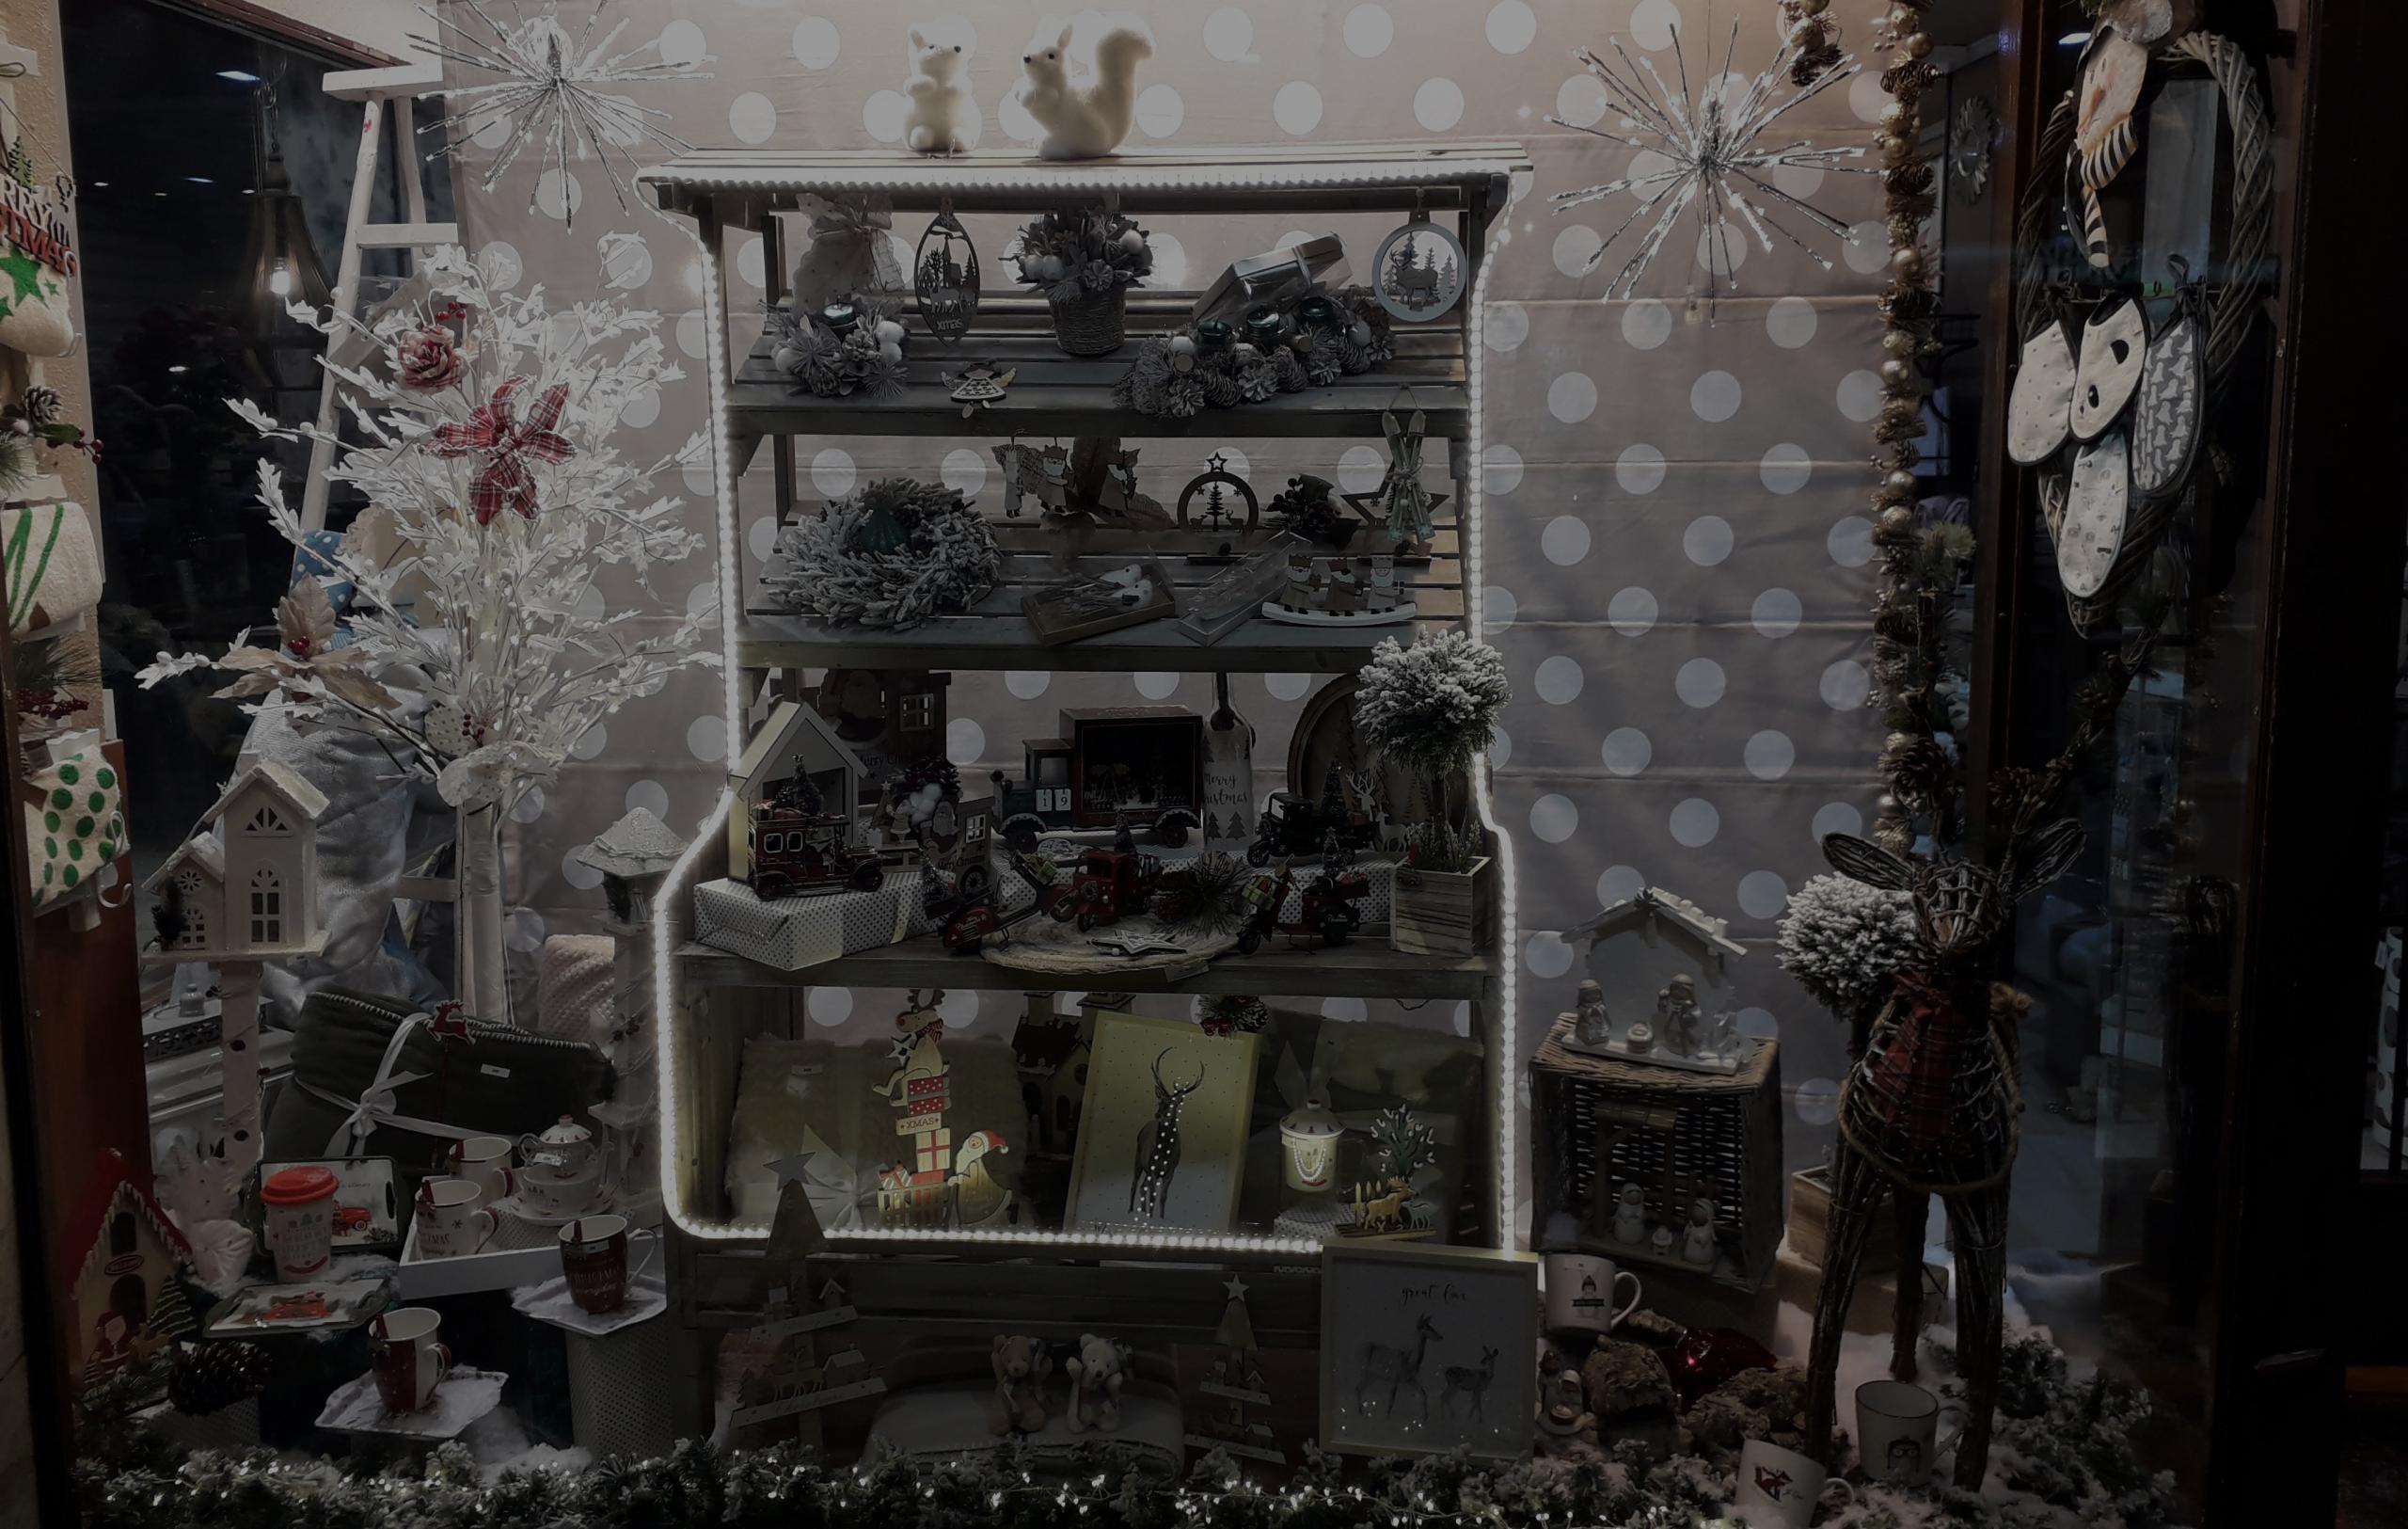 Escaparate Navidad Illana 2019